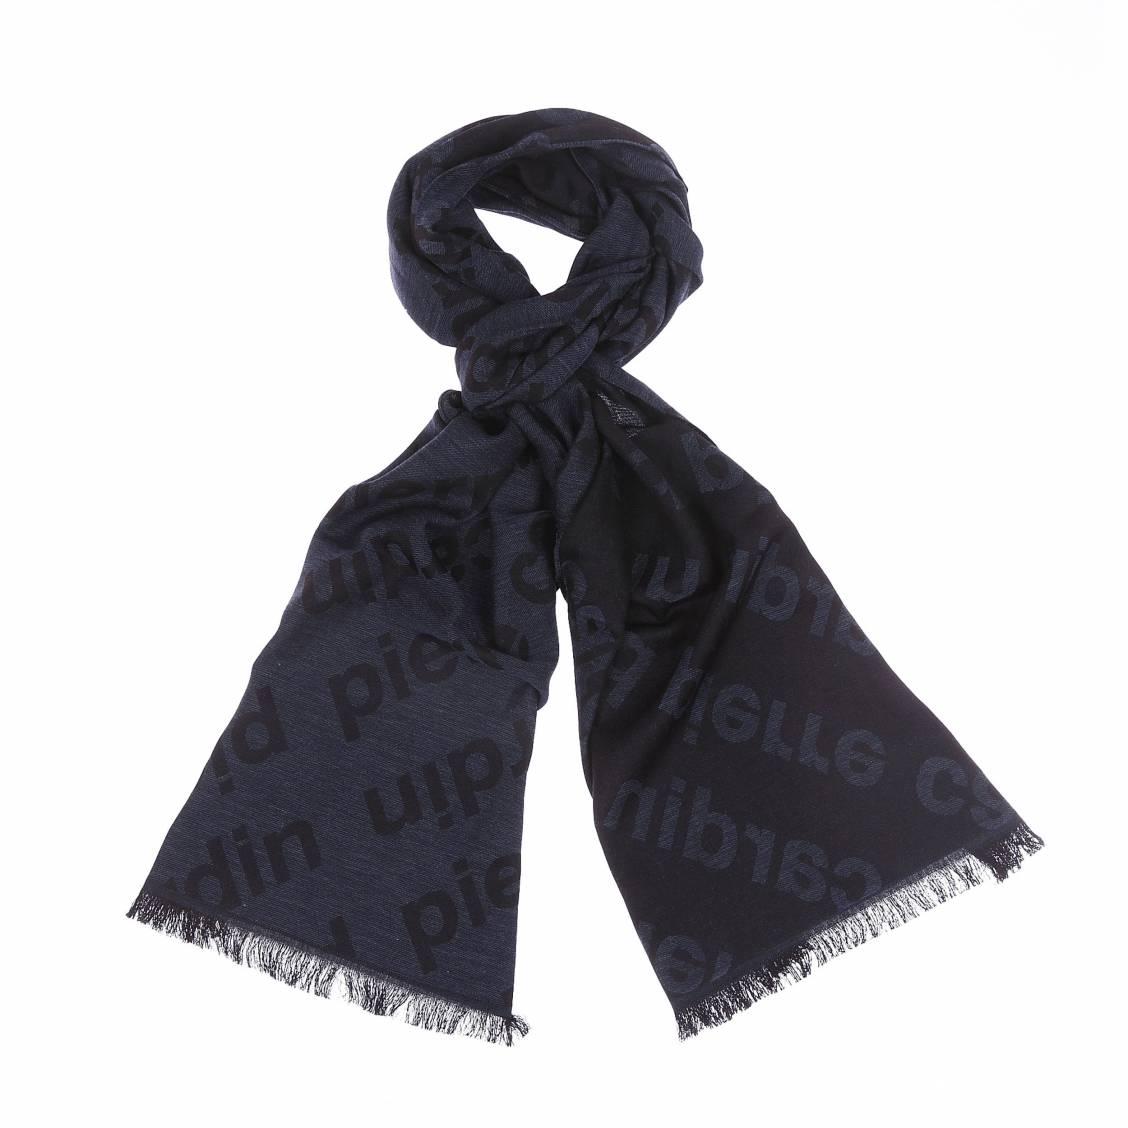 Echarpe bleu marine et noire estampillée